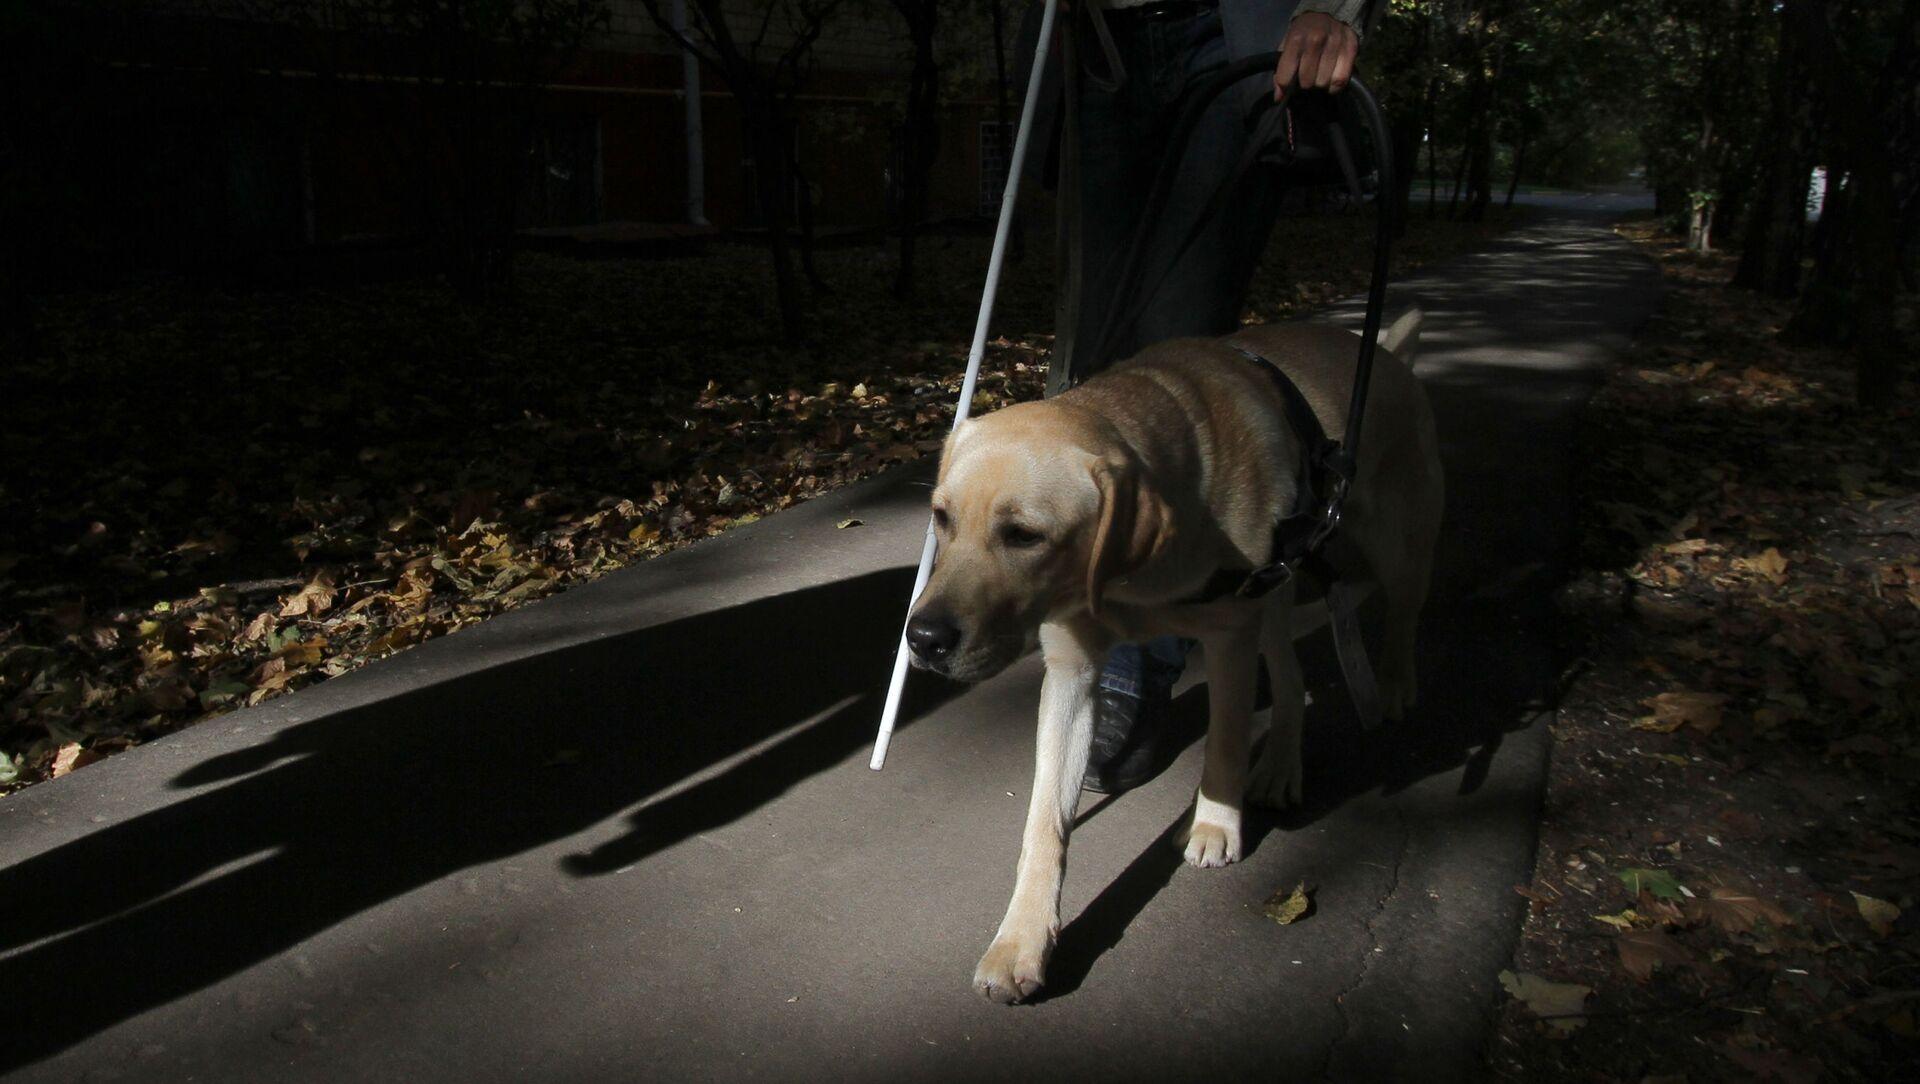 Non vedente con un cane - Sputnik Italia, 1920, 10.05.2021